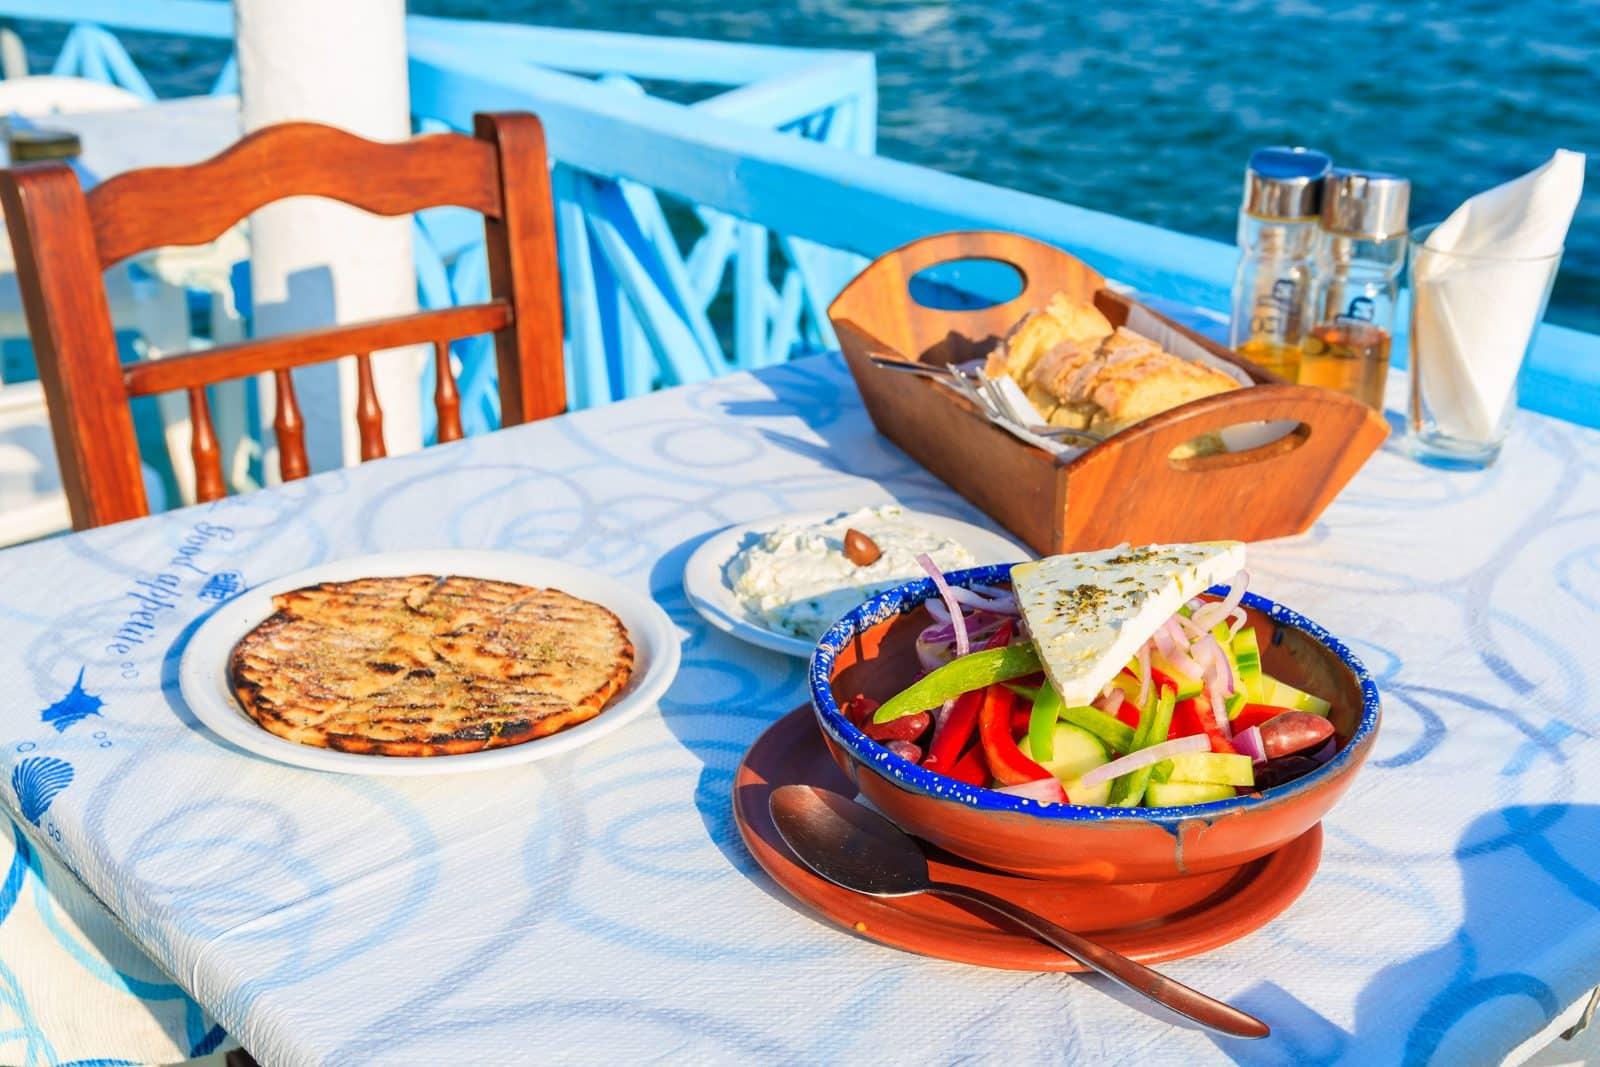 Maaltijd op een tafeltje bij een restaurant aan zee